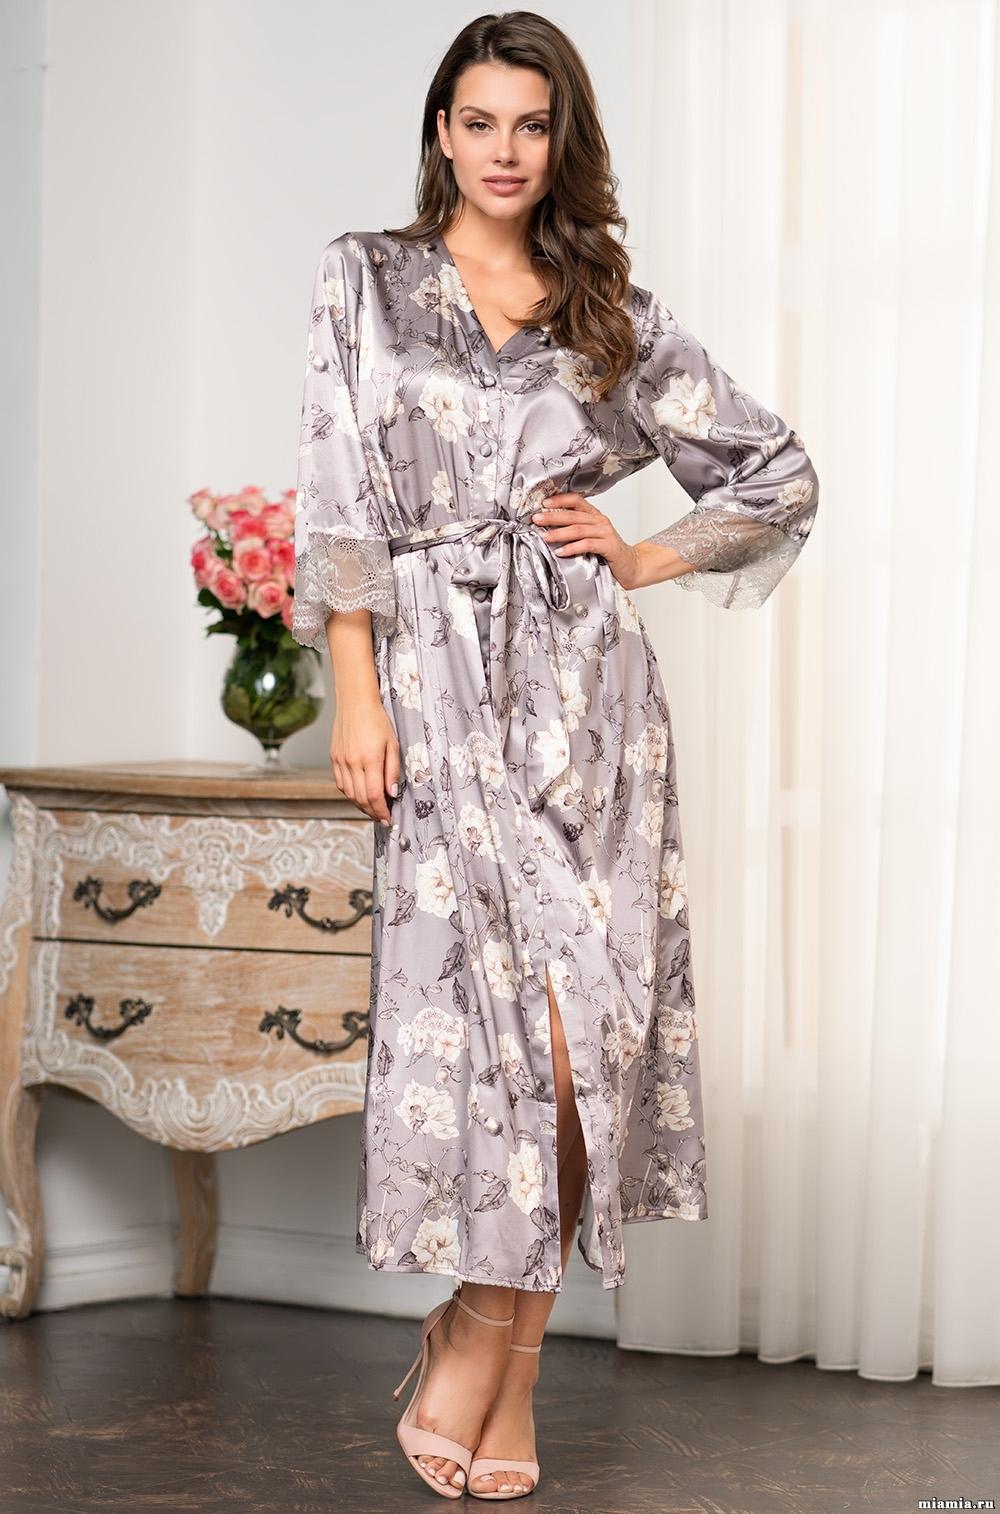 Шелковые халаты Шелковый халат на пуговицах  Mia-Amore  GRACIA ГРАЦИЯ 3589 3589_1.jpg